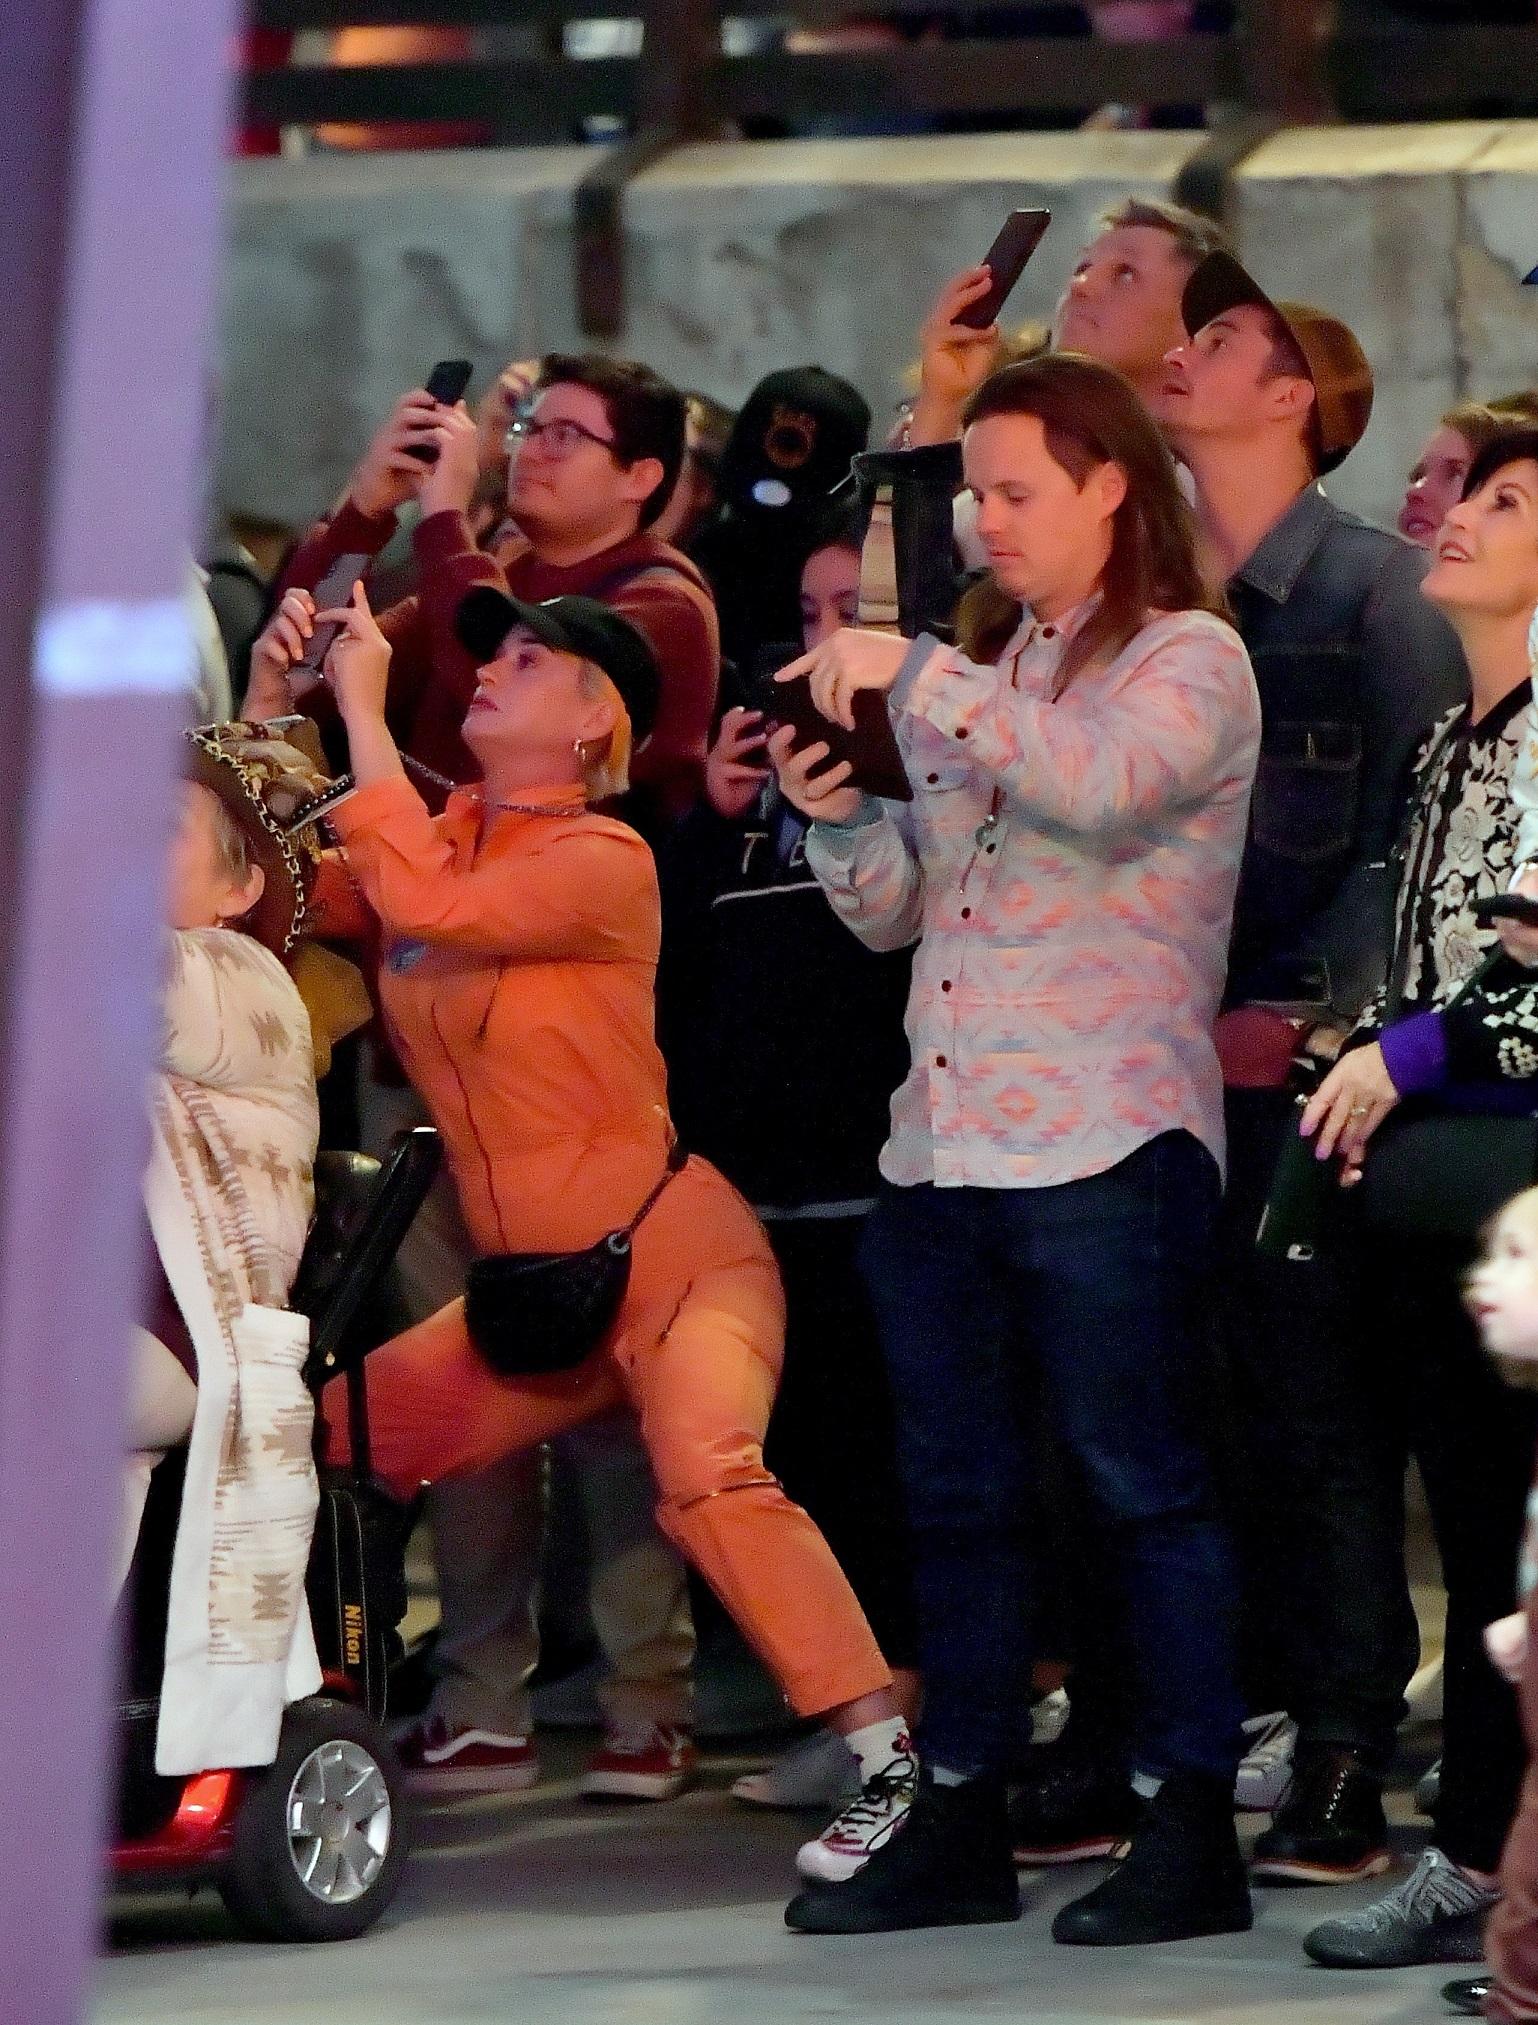 Katy Perry bawi się z Orlando Bloom w Disneylandzie. Widać ZAOKRĄGLONY brzuszek